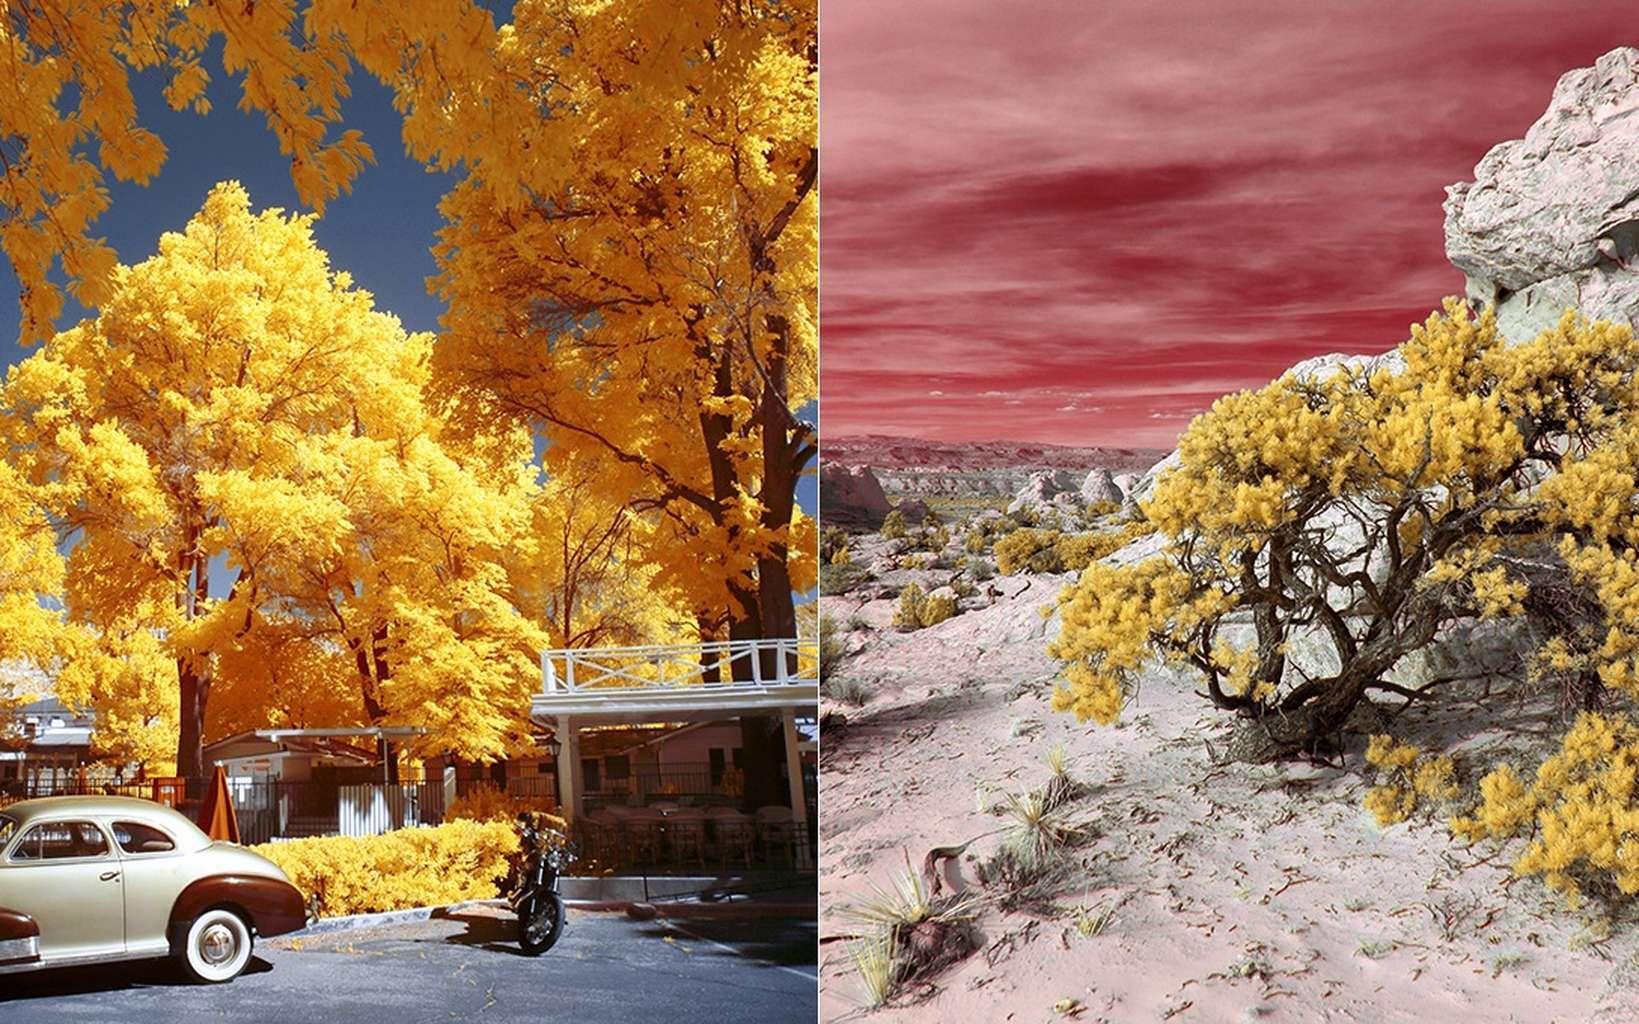 Deux images de la série « Utah » et qui ont remporté le premier prix catégorie essai au concours de photographie infrarouge organisé par Kolari Vision. © Luciano Demasi